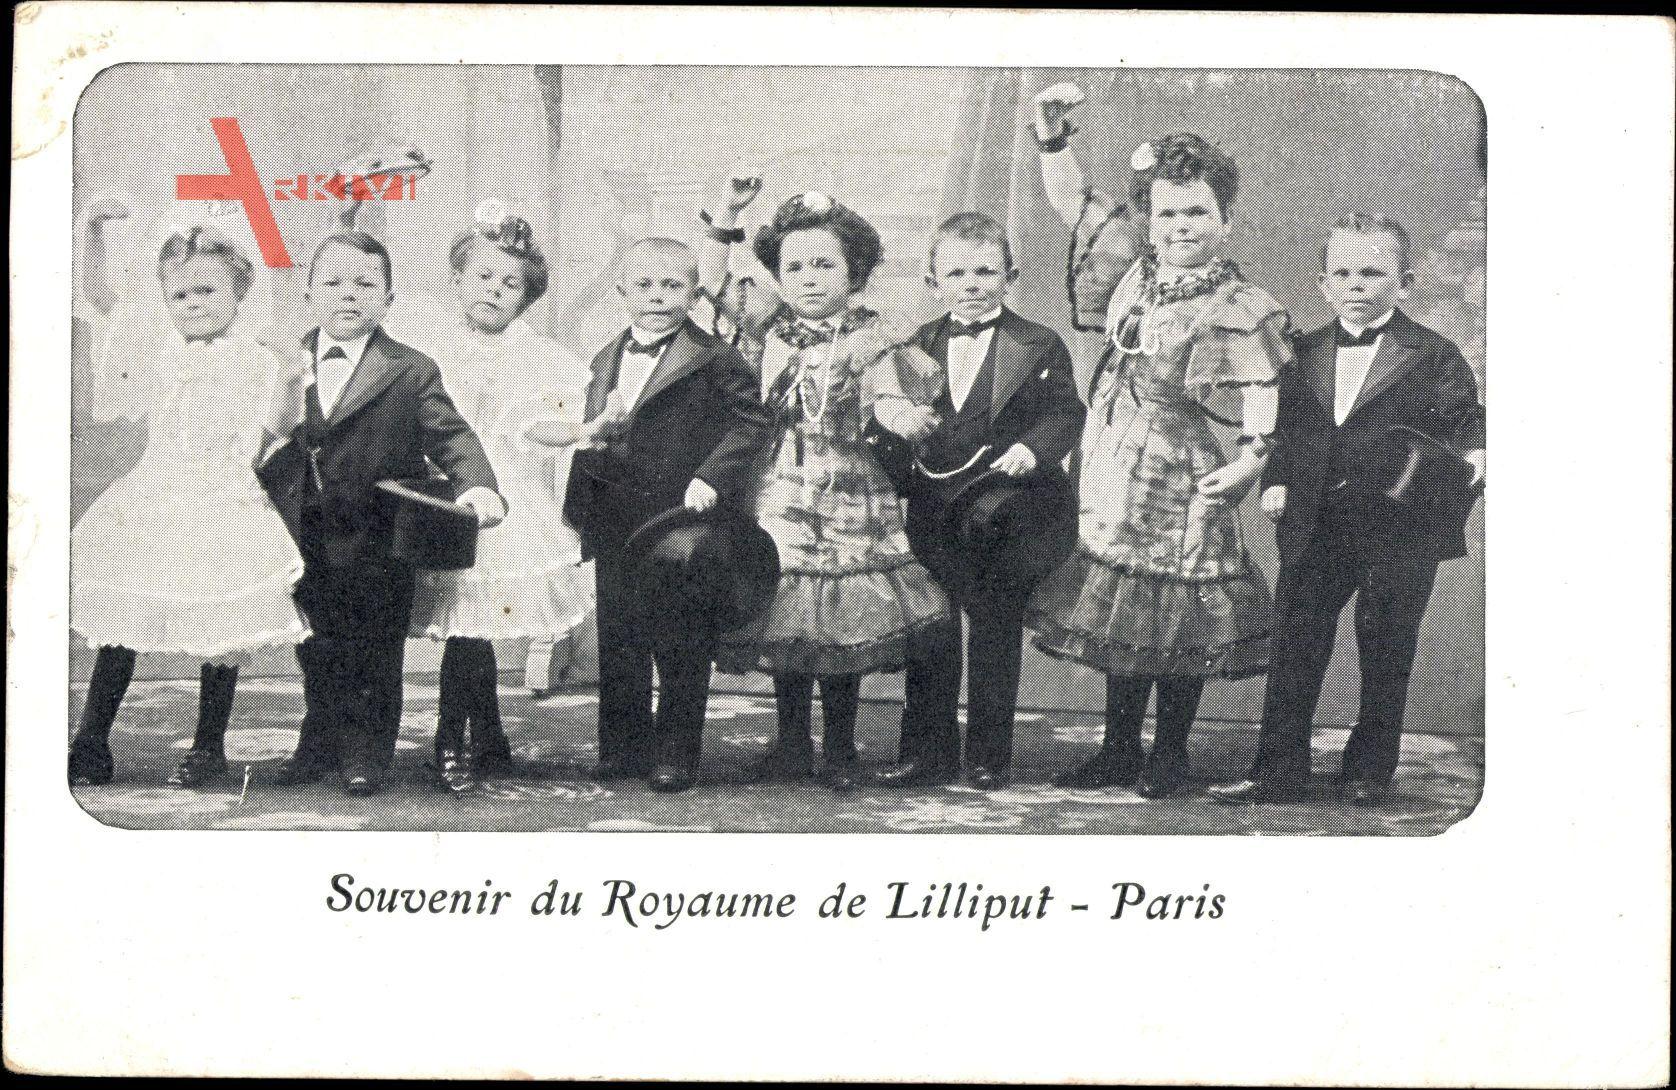 Souvenir du Royaume de Liliput, Paris, Liliputaner